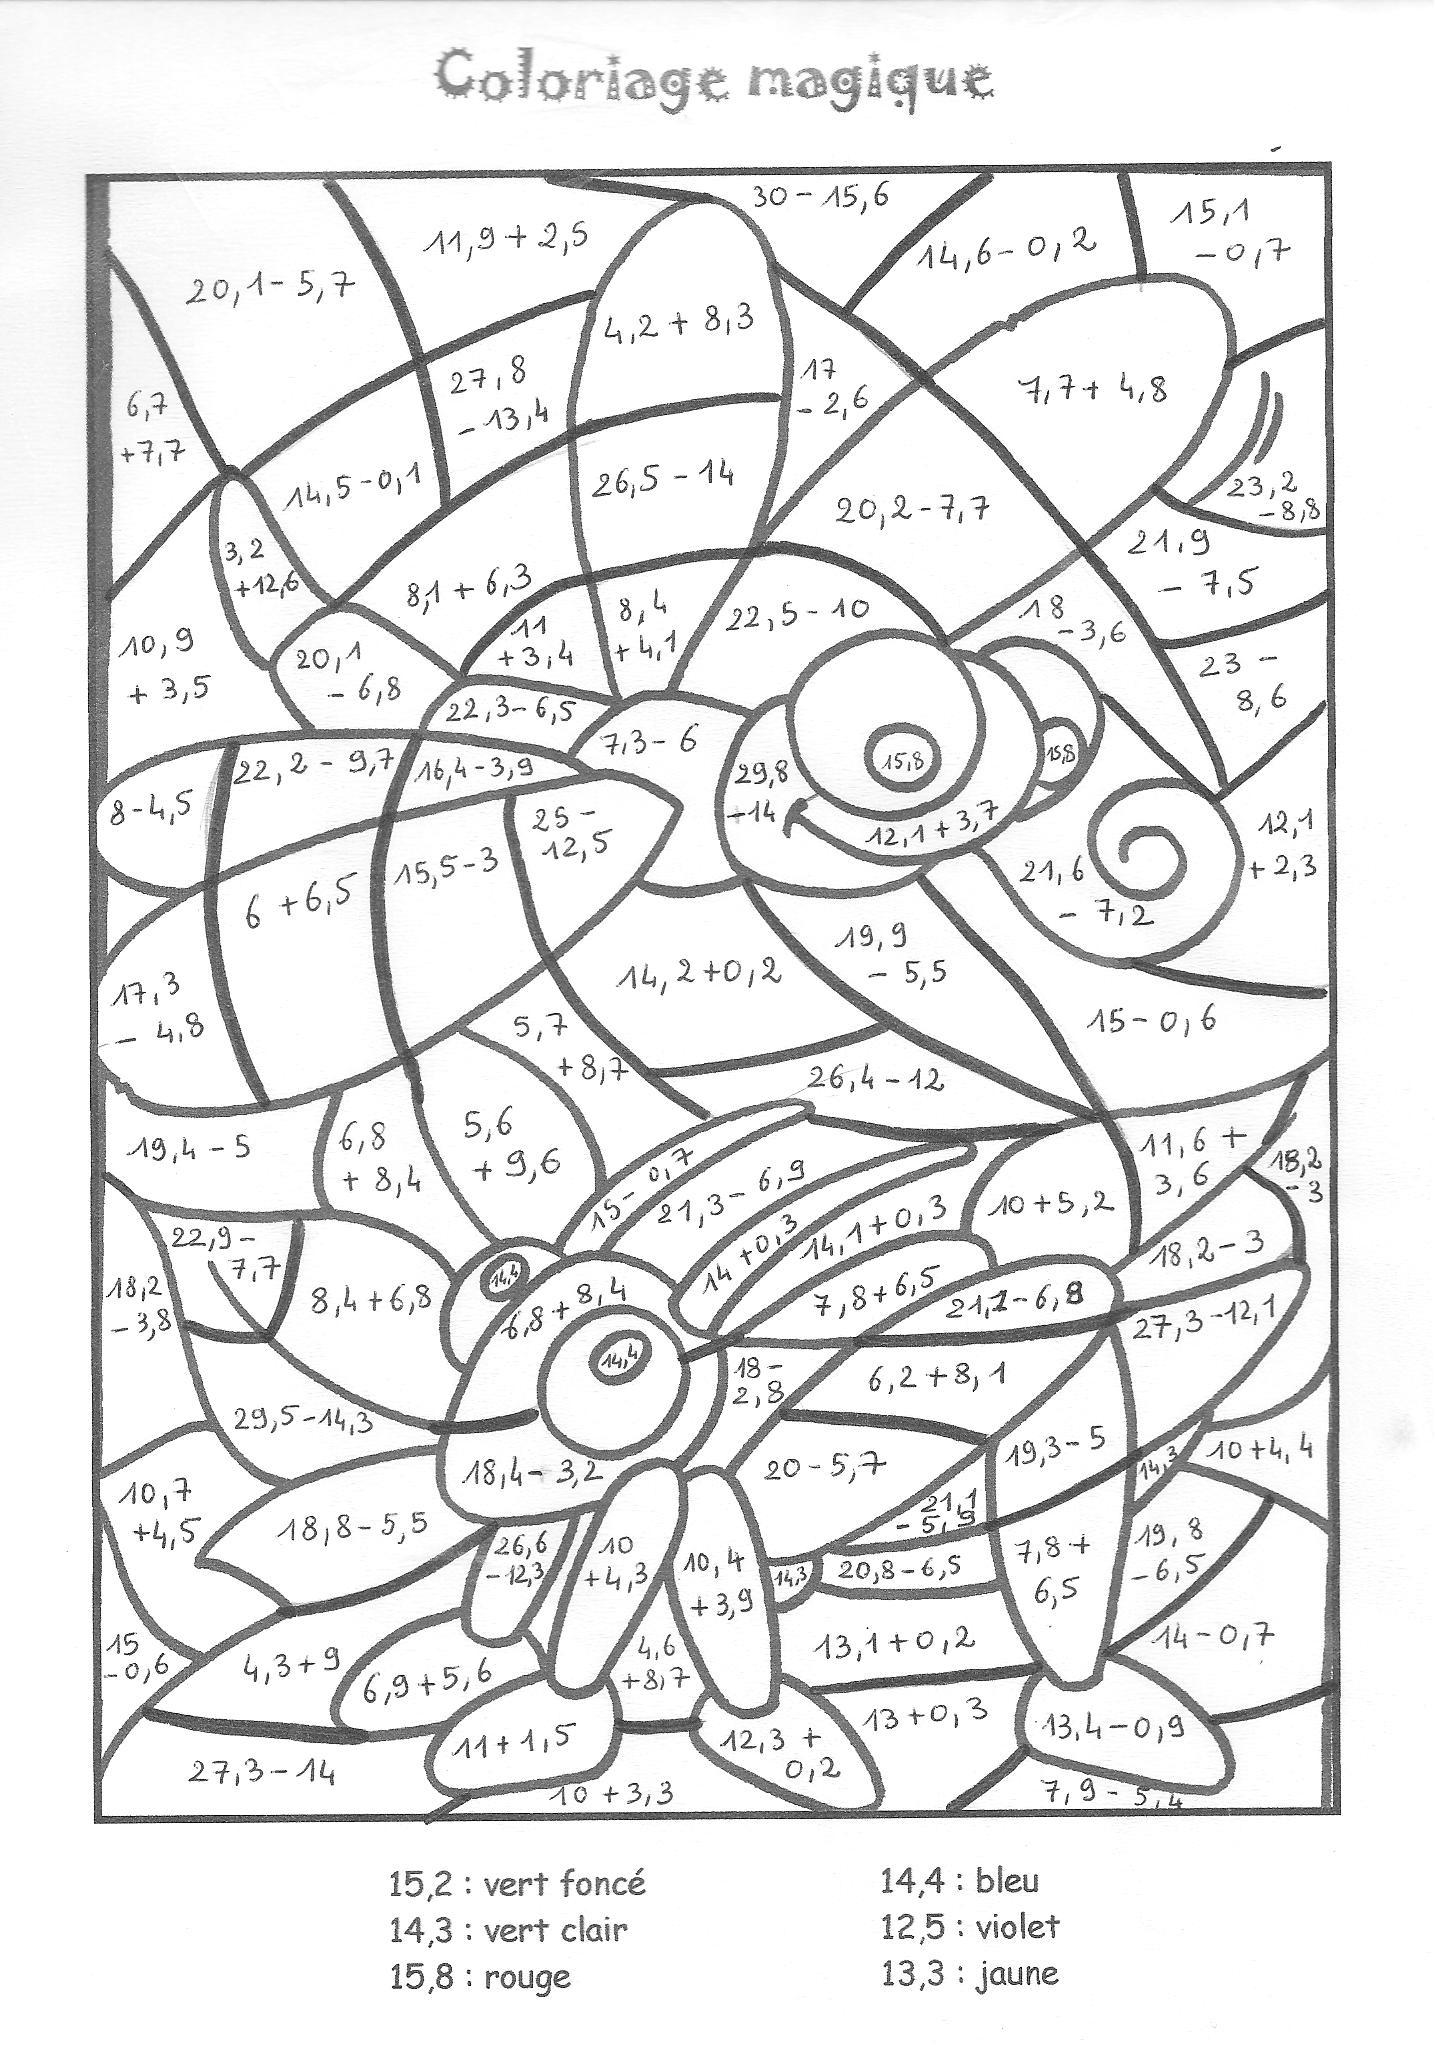 Coloriage204: Coloriage Magique Nombres Décimaux pour Coloriage Magique Gratuit